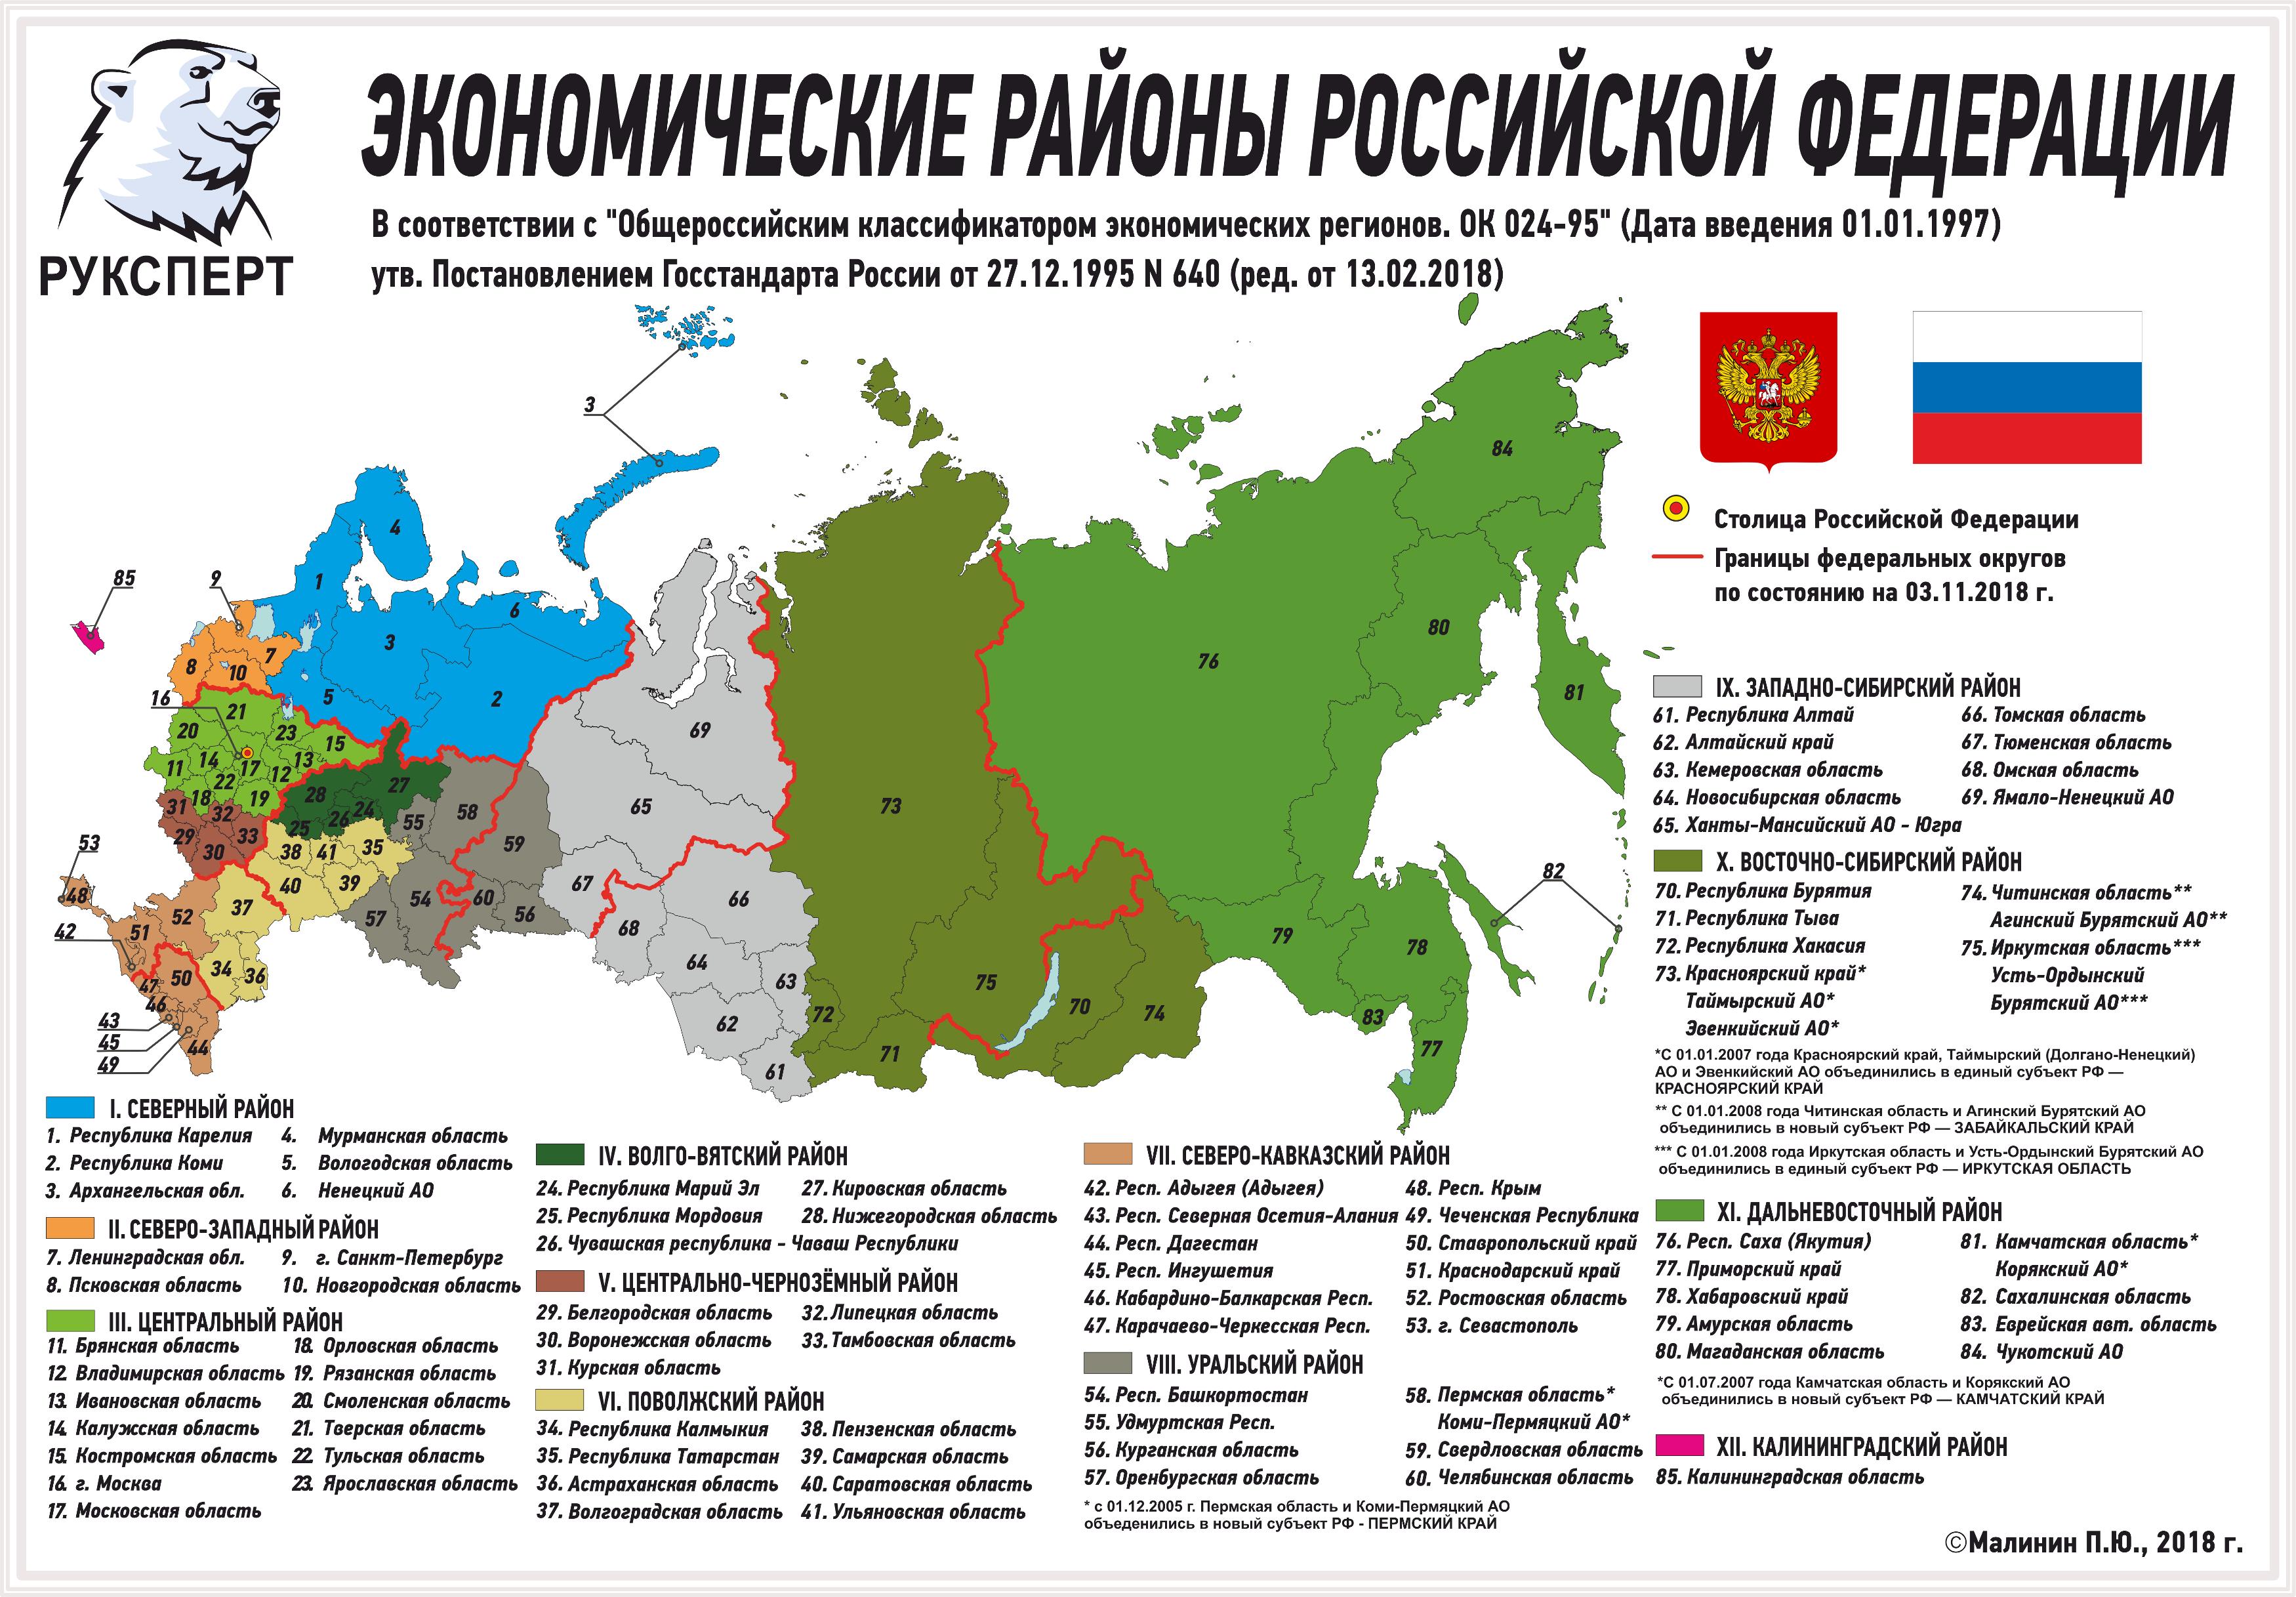 https://yandex.ru/images/search?text=Карта экономических районов России 2019